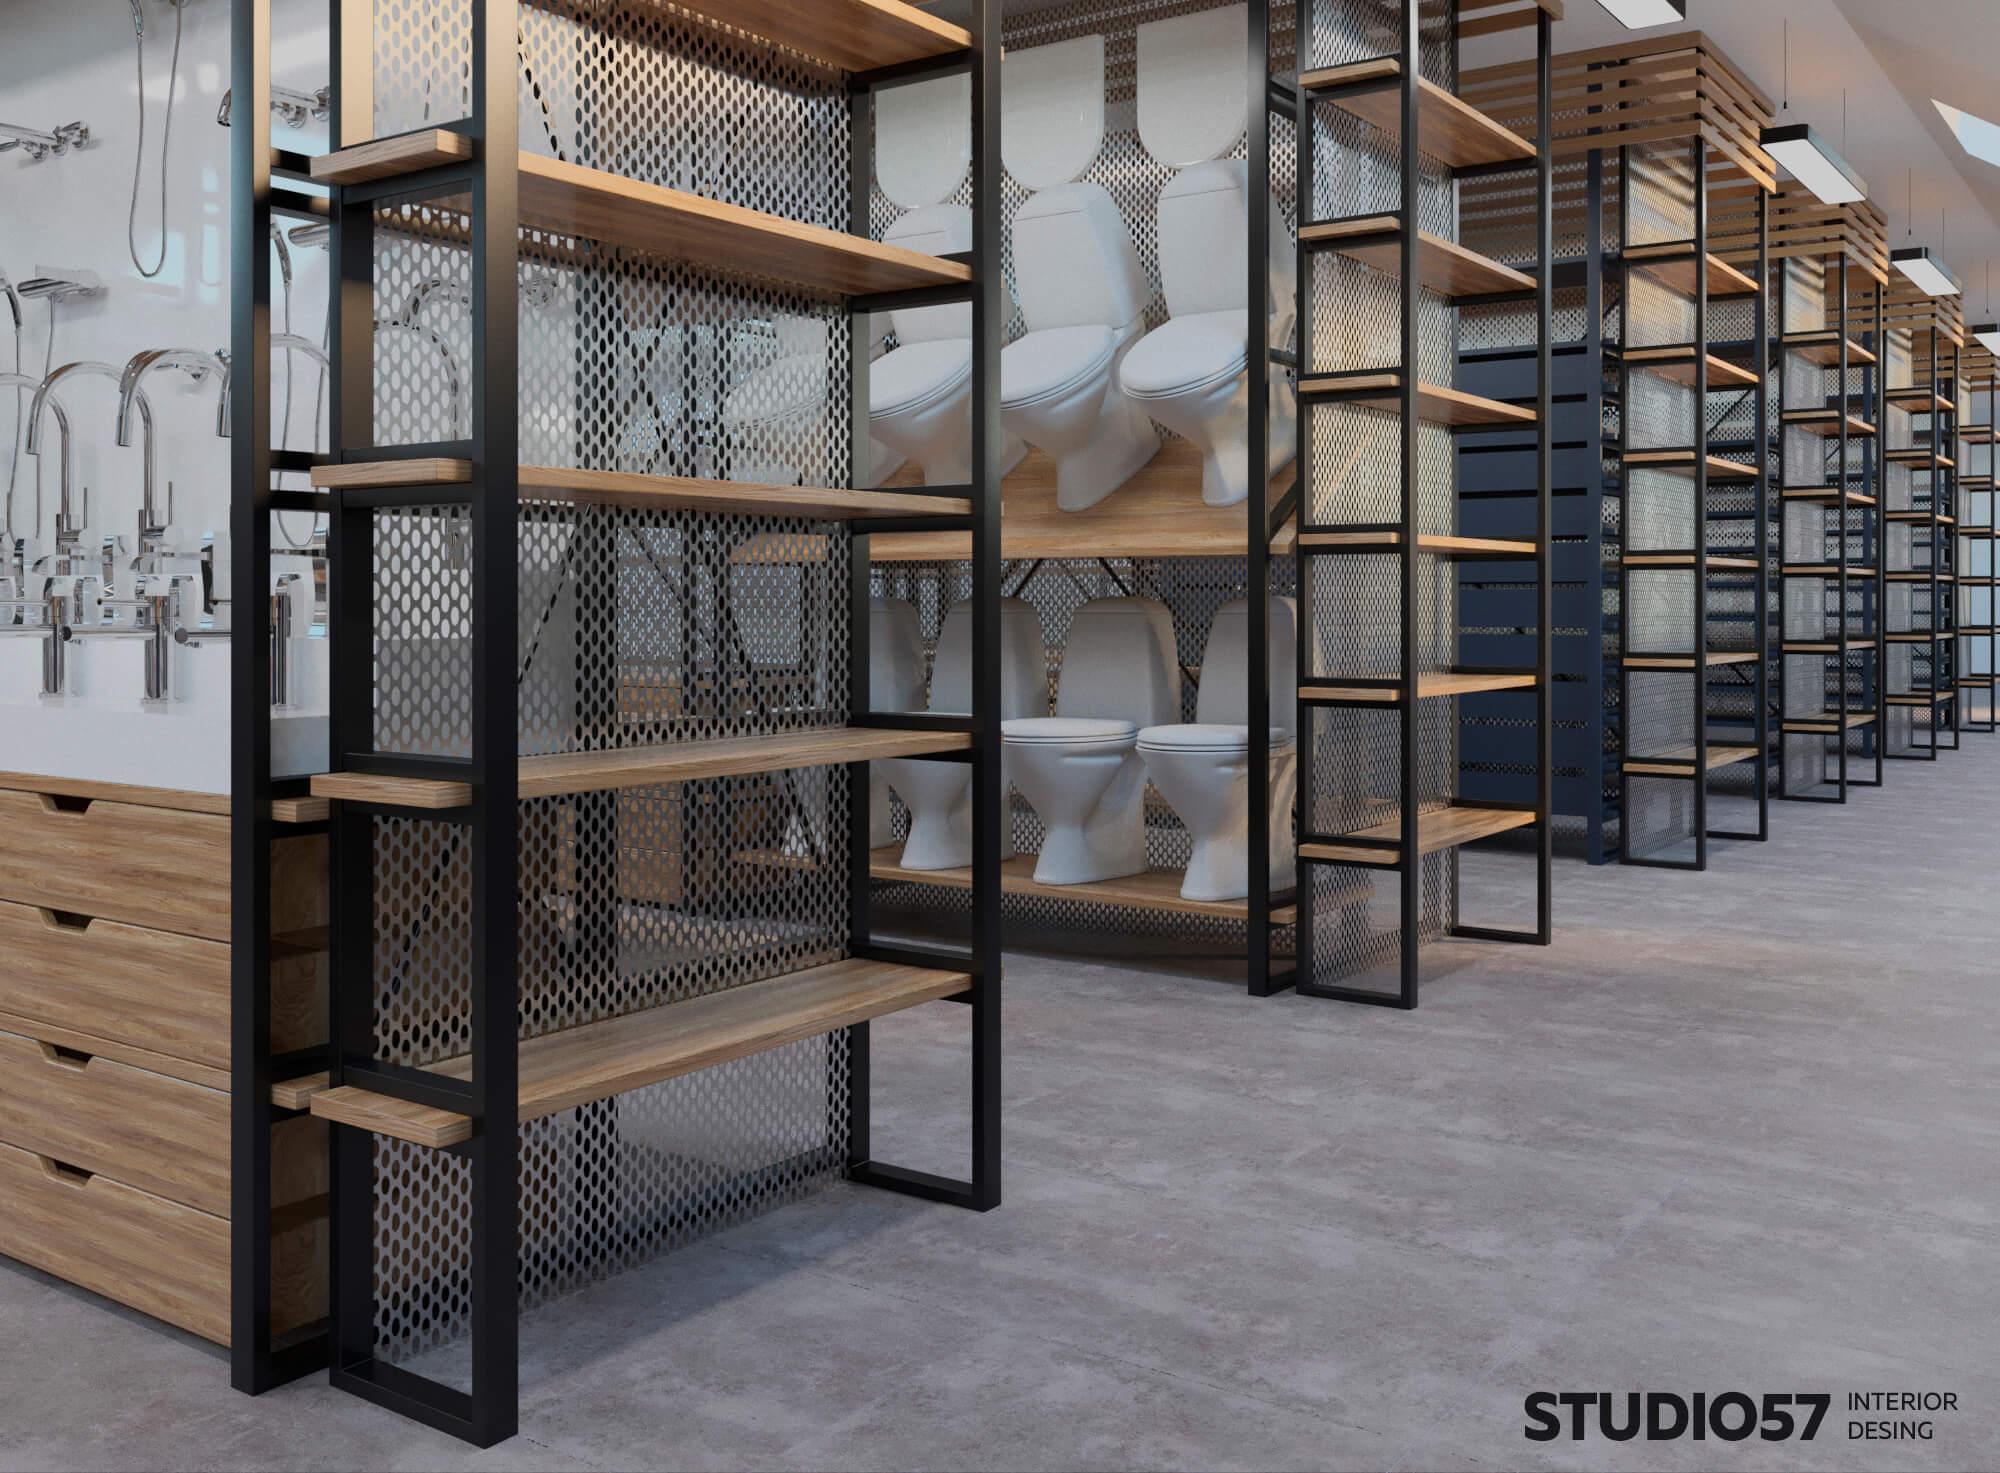 Дизайн интерьера строительного магазина